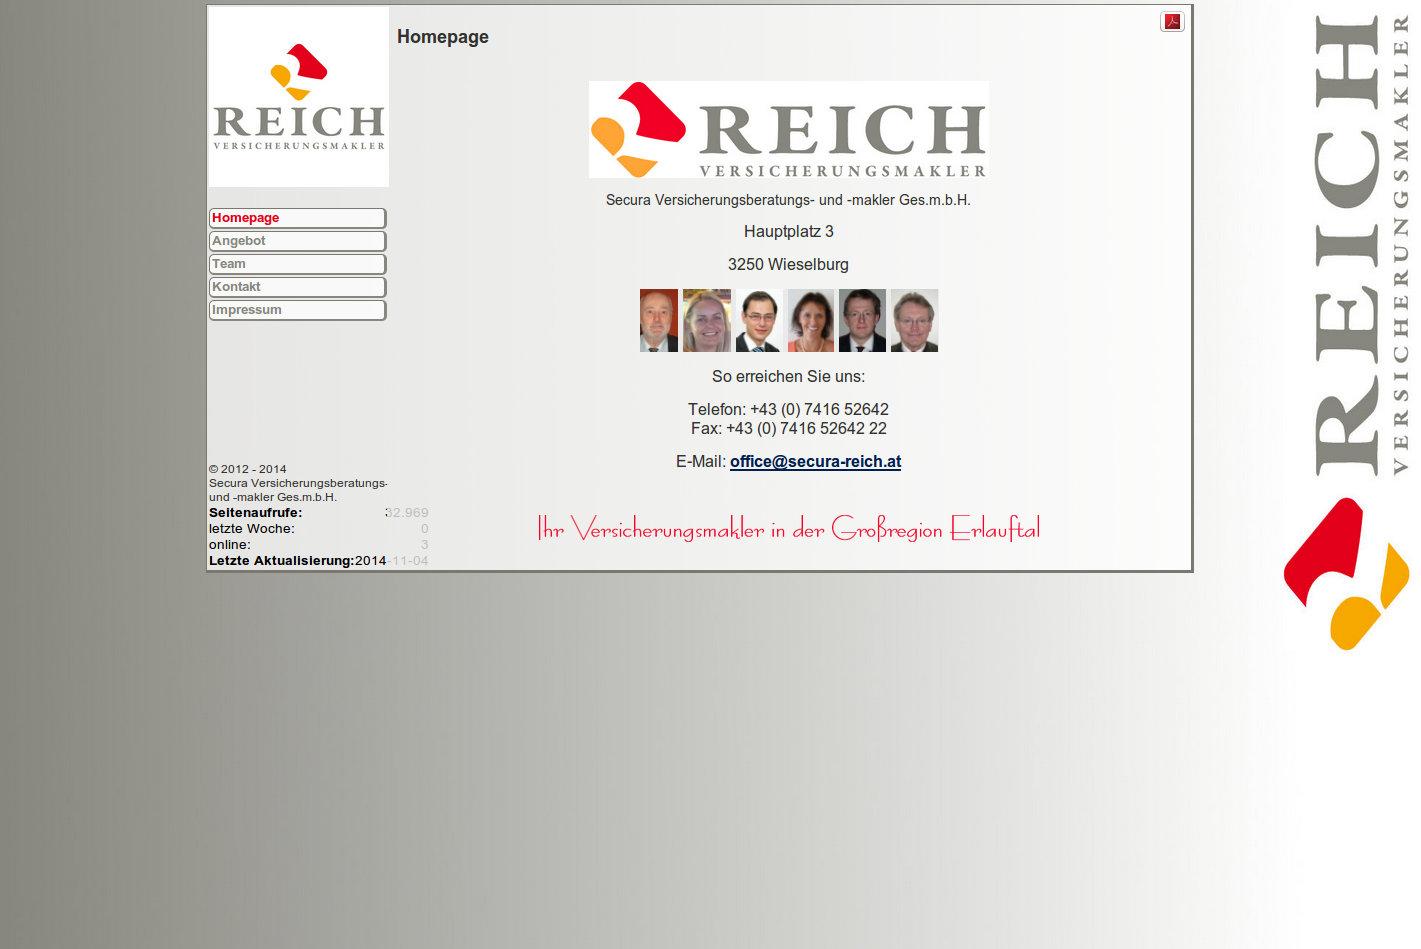 Secura Reich Versicherungsmakler